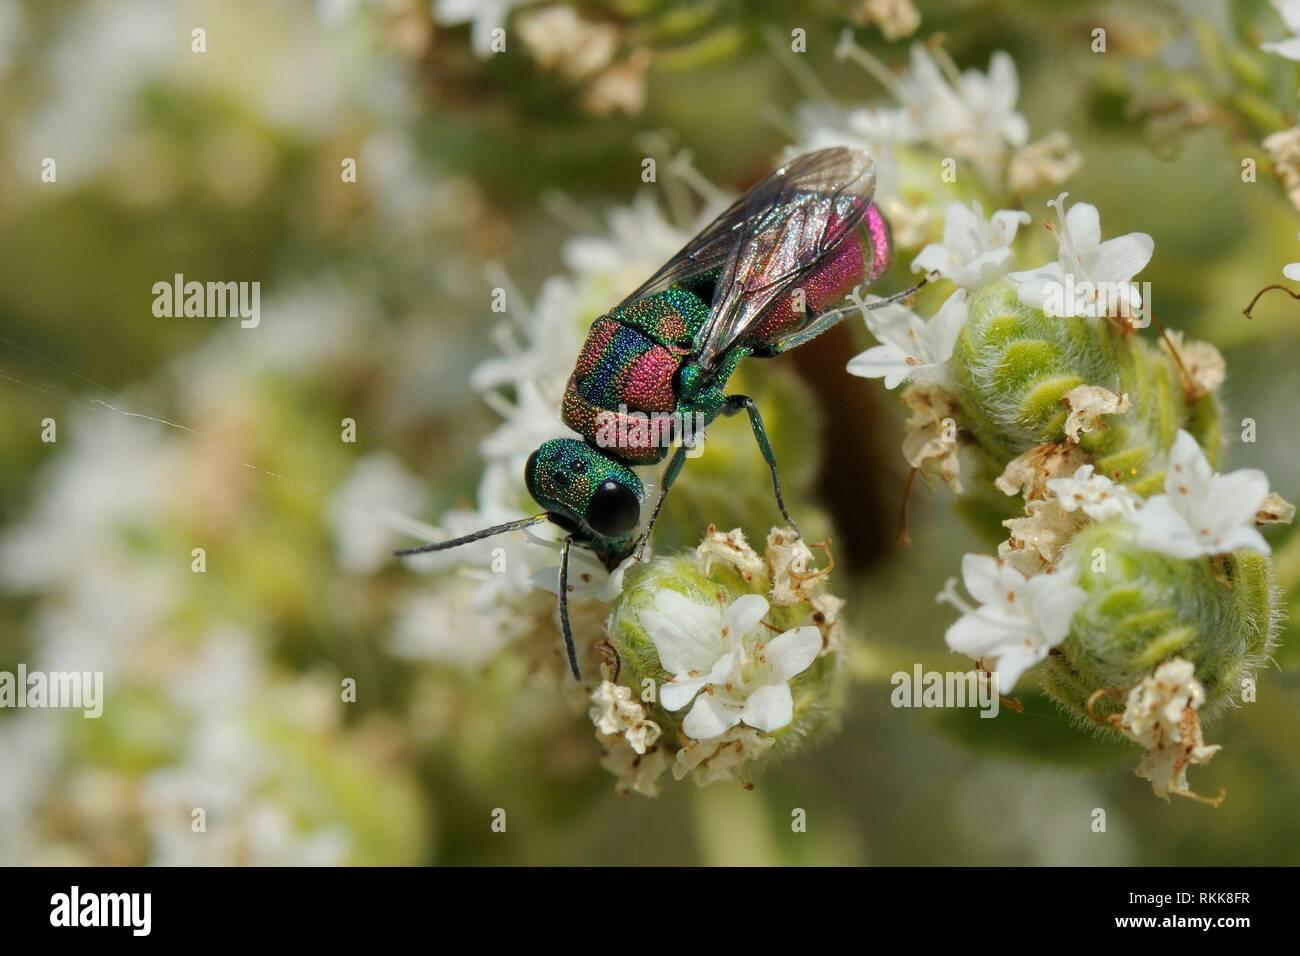 Ruby - Wespe/Kuckuck Wasp-tailed/Juwel Wasp (Pseudospinolia marqueti) Fütterung mit kretischer Oregano (Origanum onites) Blumen, Lesbos/Lesbos, Griechenland Stockfoto